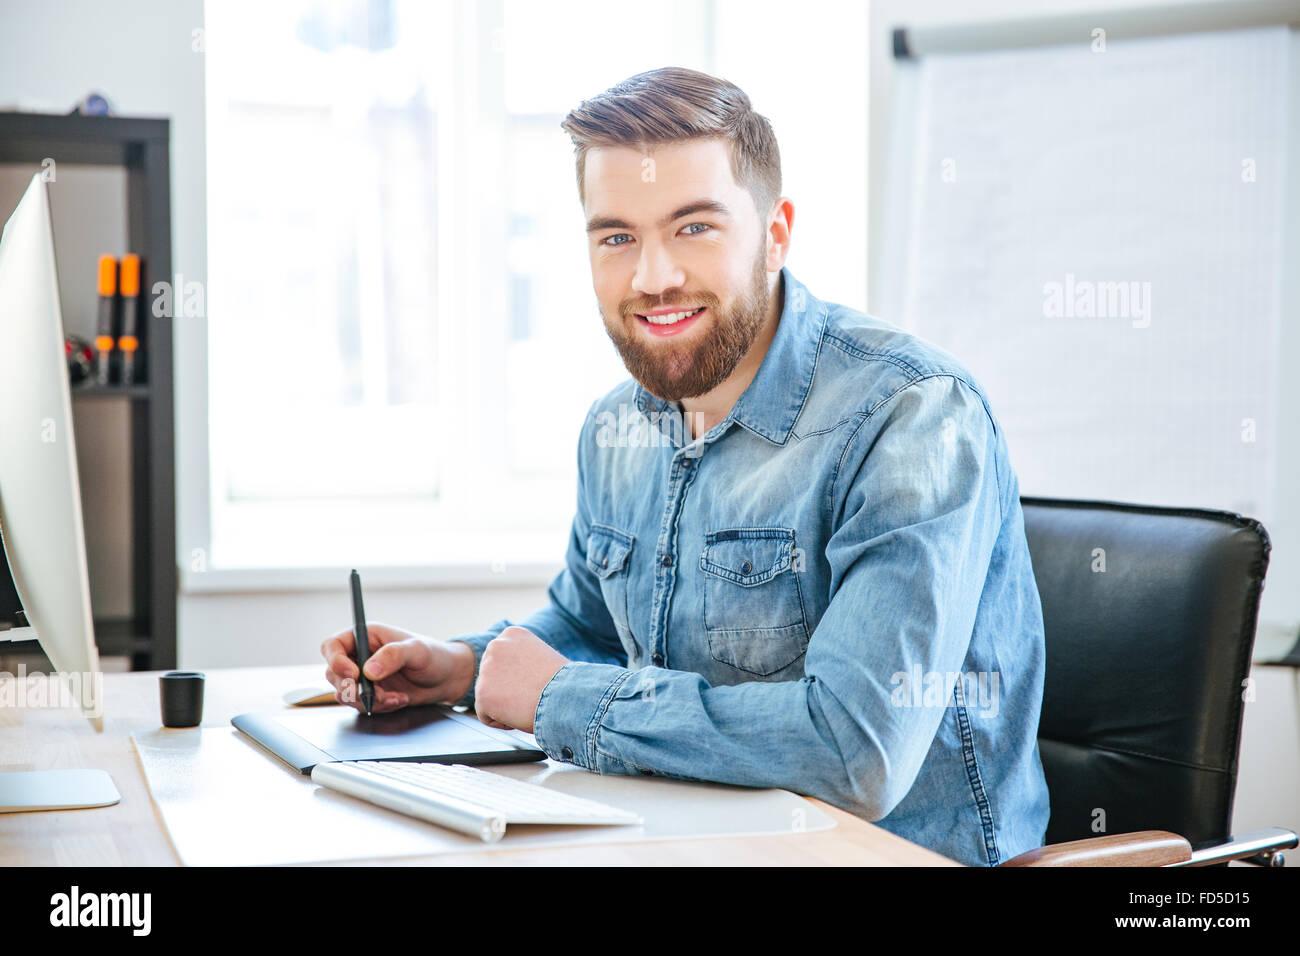 Retrato de feliz atractivo diseñador joven en jeans shirt trabaja con pen tablet con lápiz en Office Foto de stock